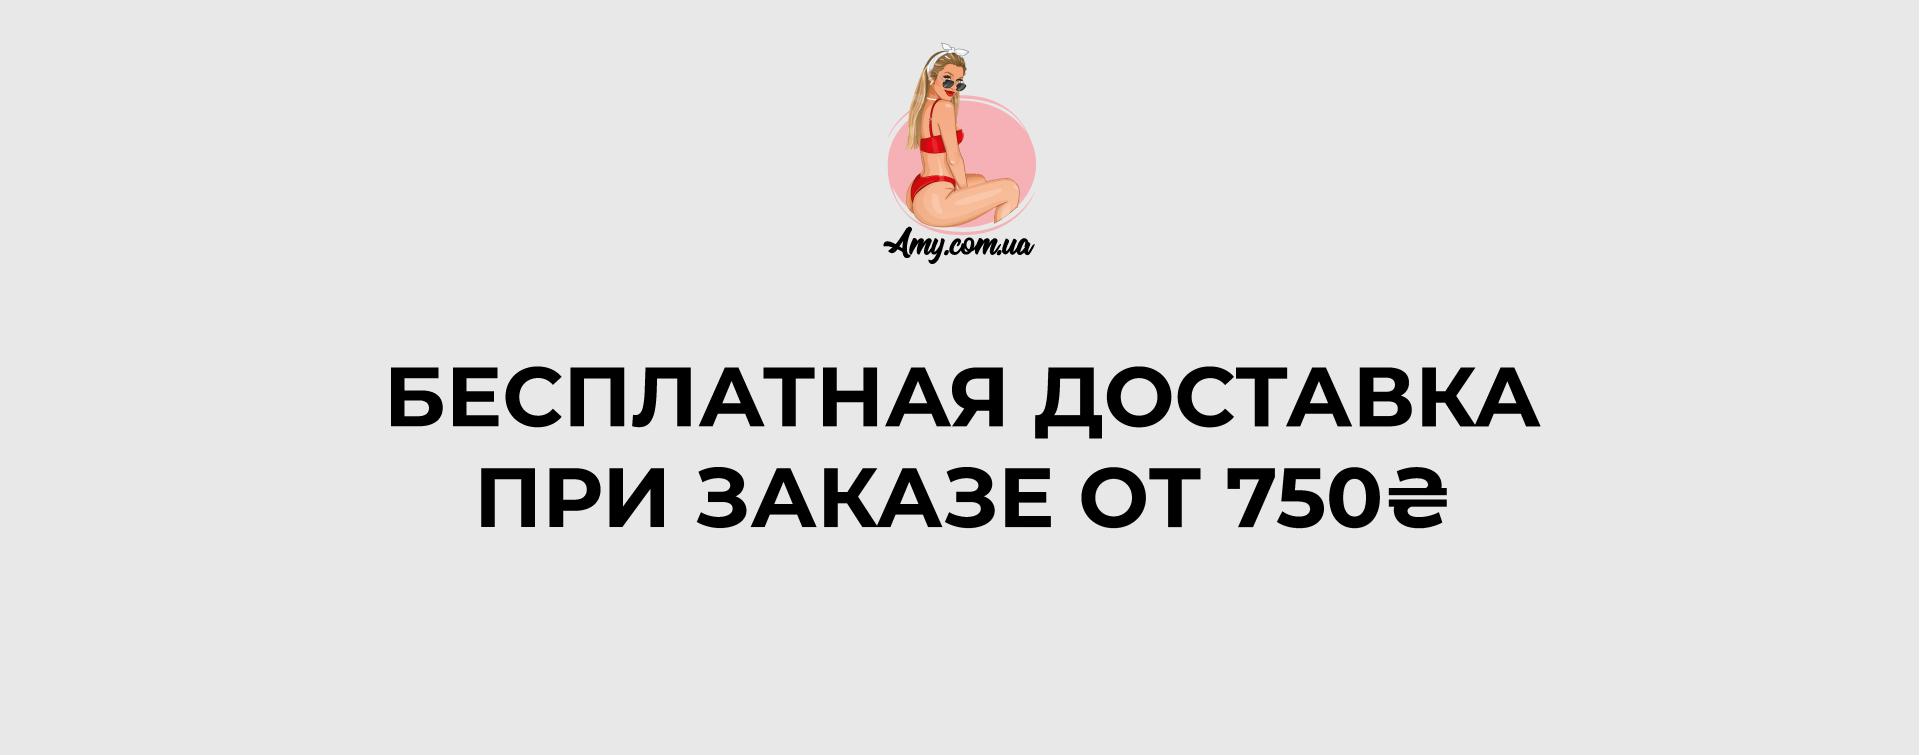 Бесплатная доставка интимных товаров в amy.com.ua